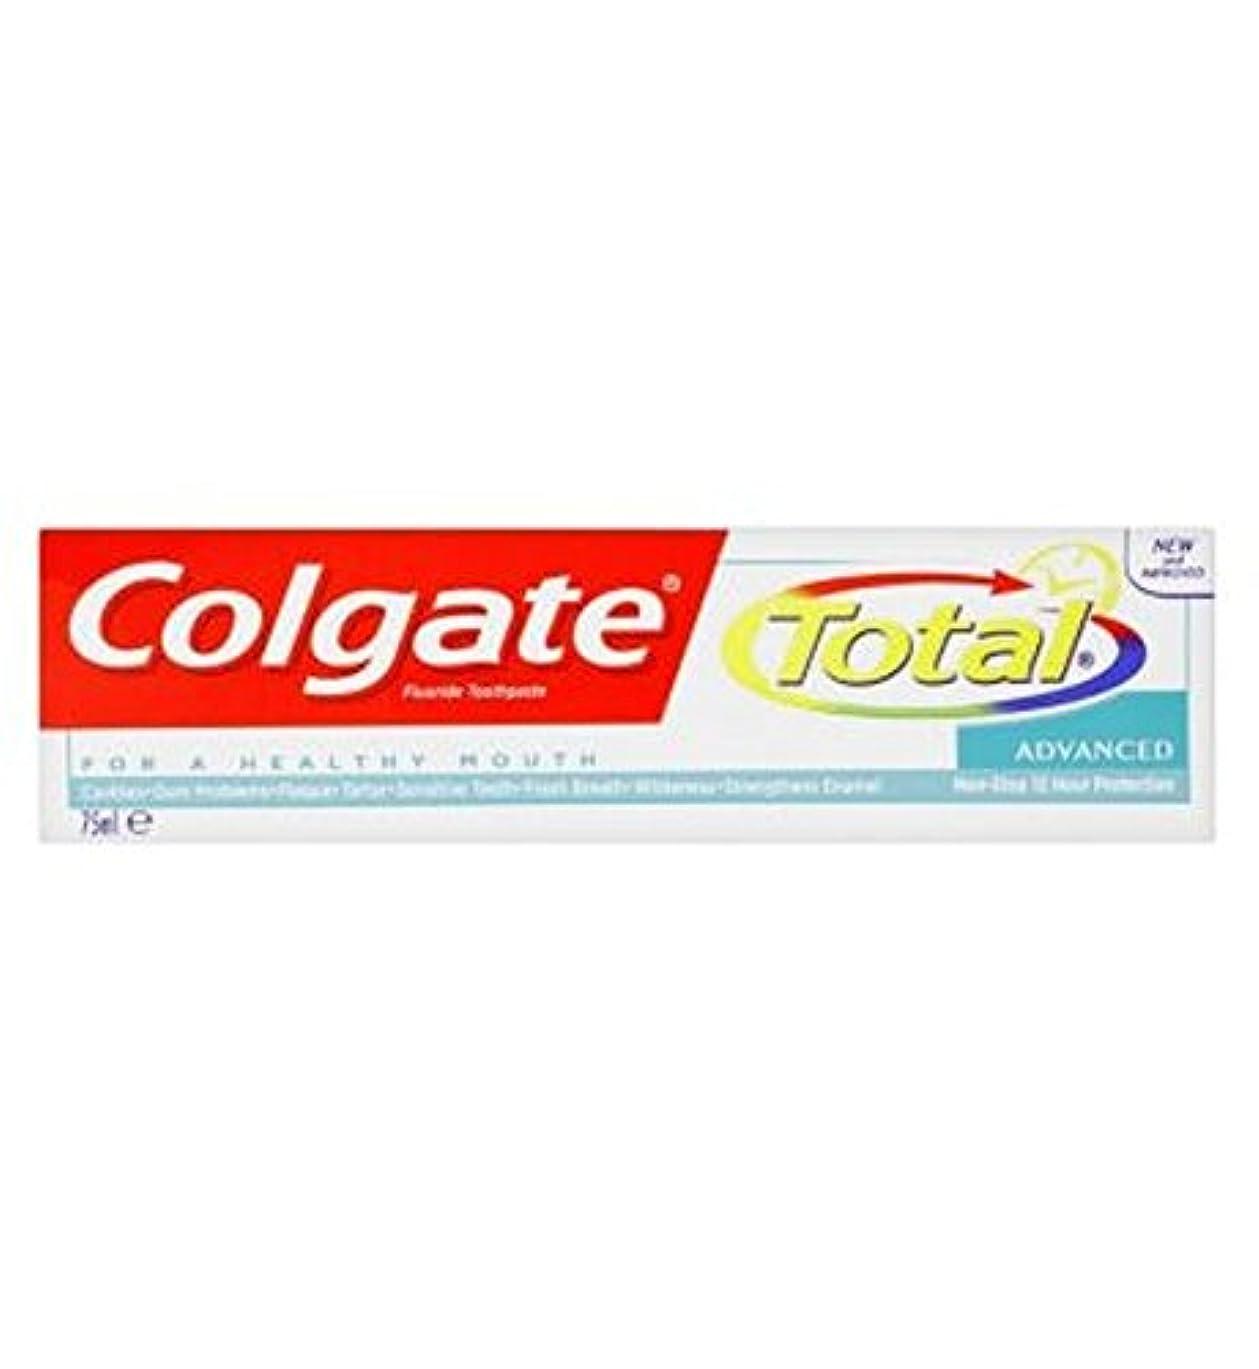 パン屋イノセンスメインコルゲートトータル高度な歯磨き粉75ミリリットル (Colgate) (x2) - Colgate Total Advanced toothpaste 75ml (Pack of 2) [並行輸入品]